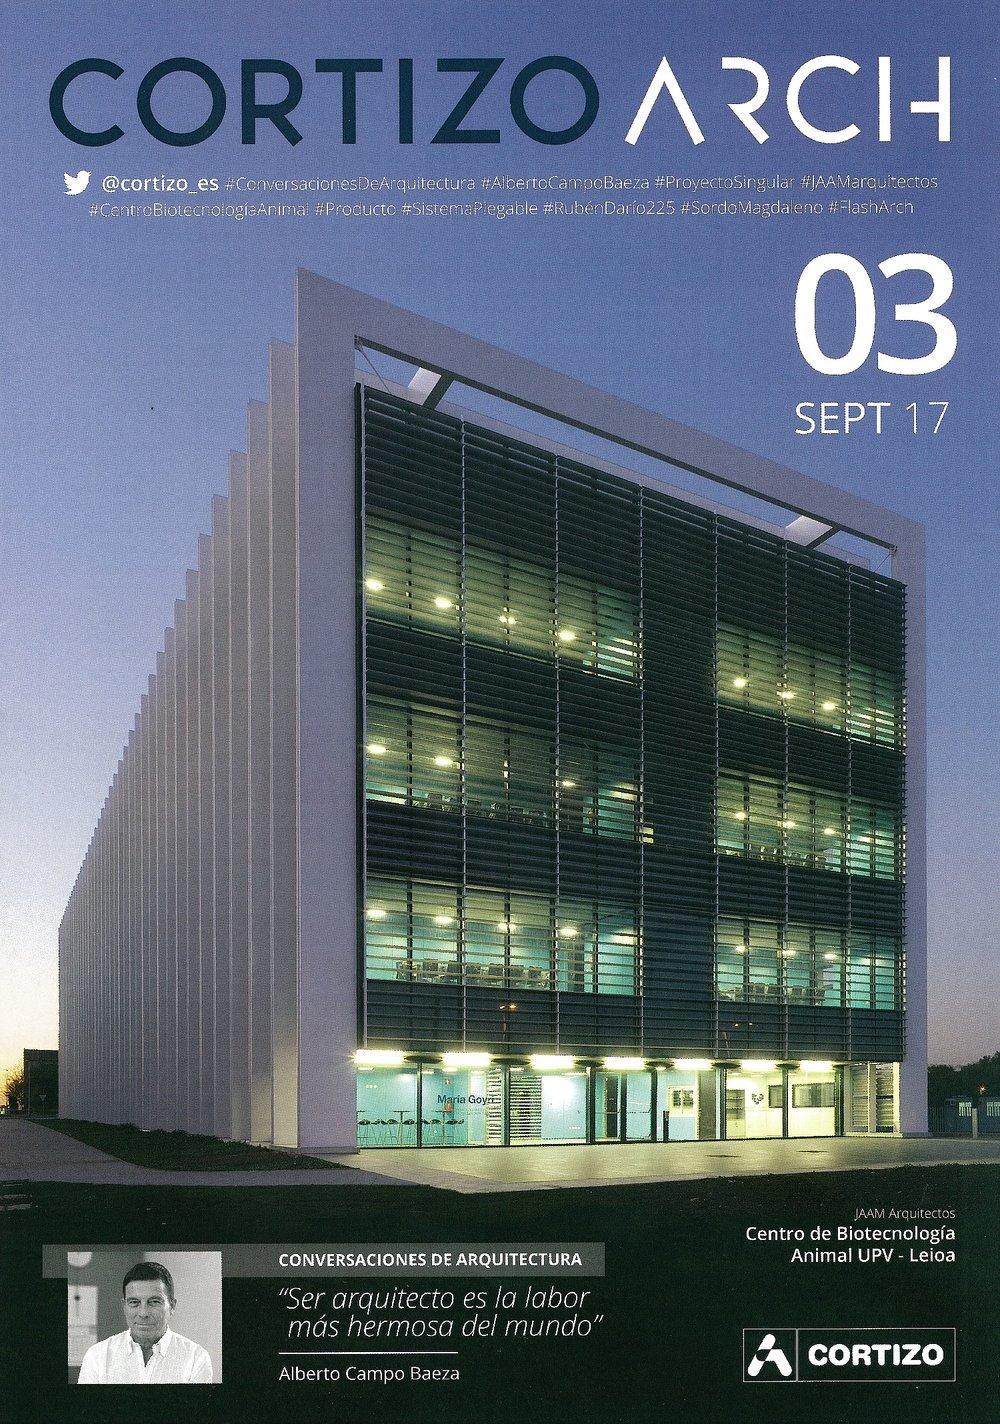 Cortizo Arch 03 - Centro de Biotecnología Animal